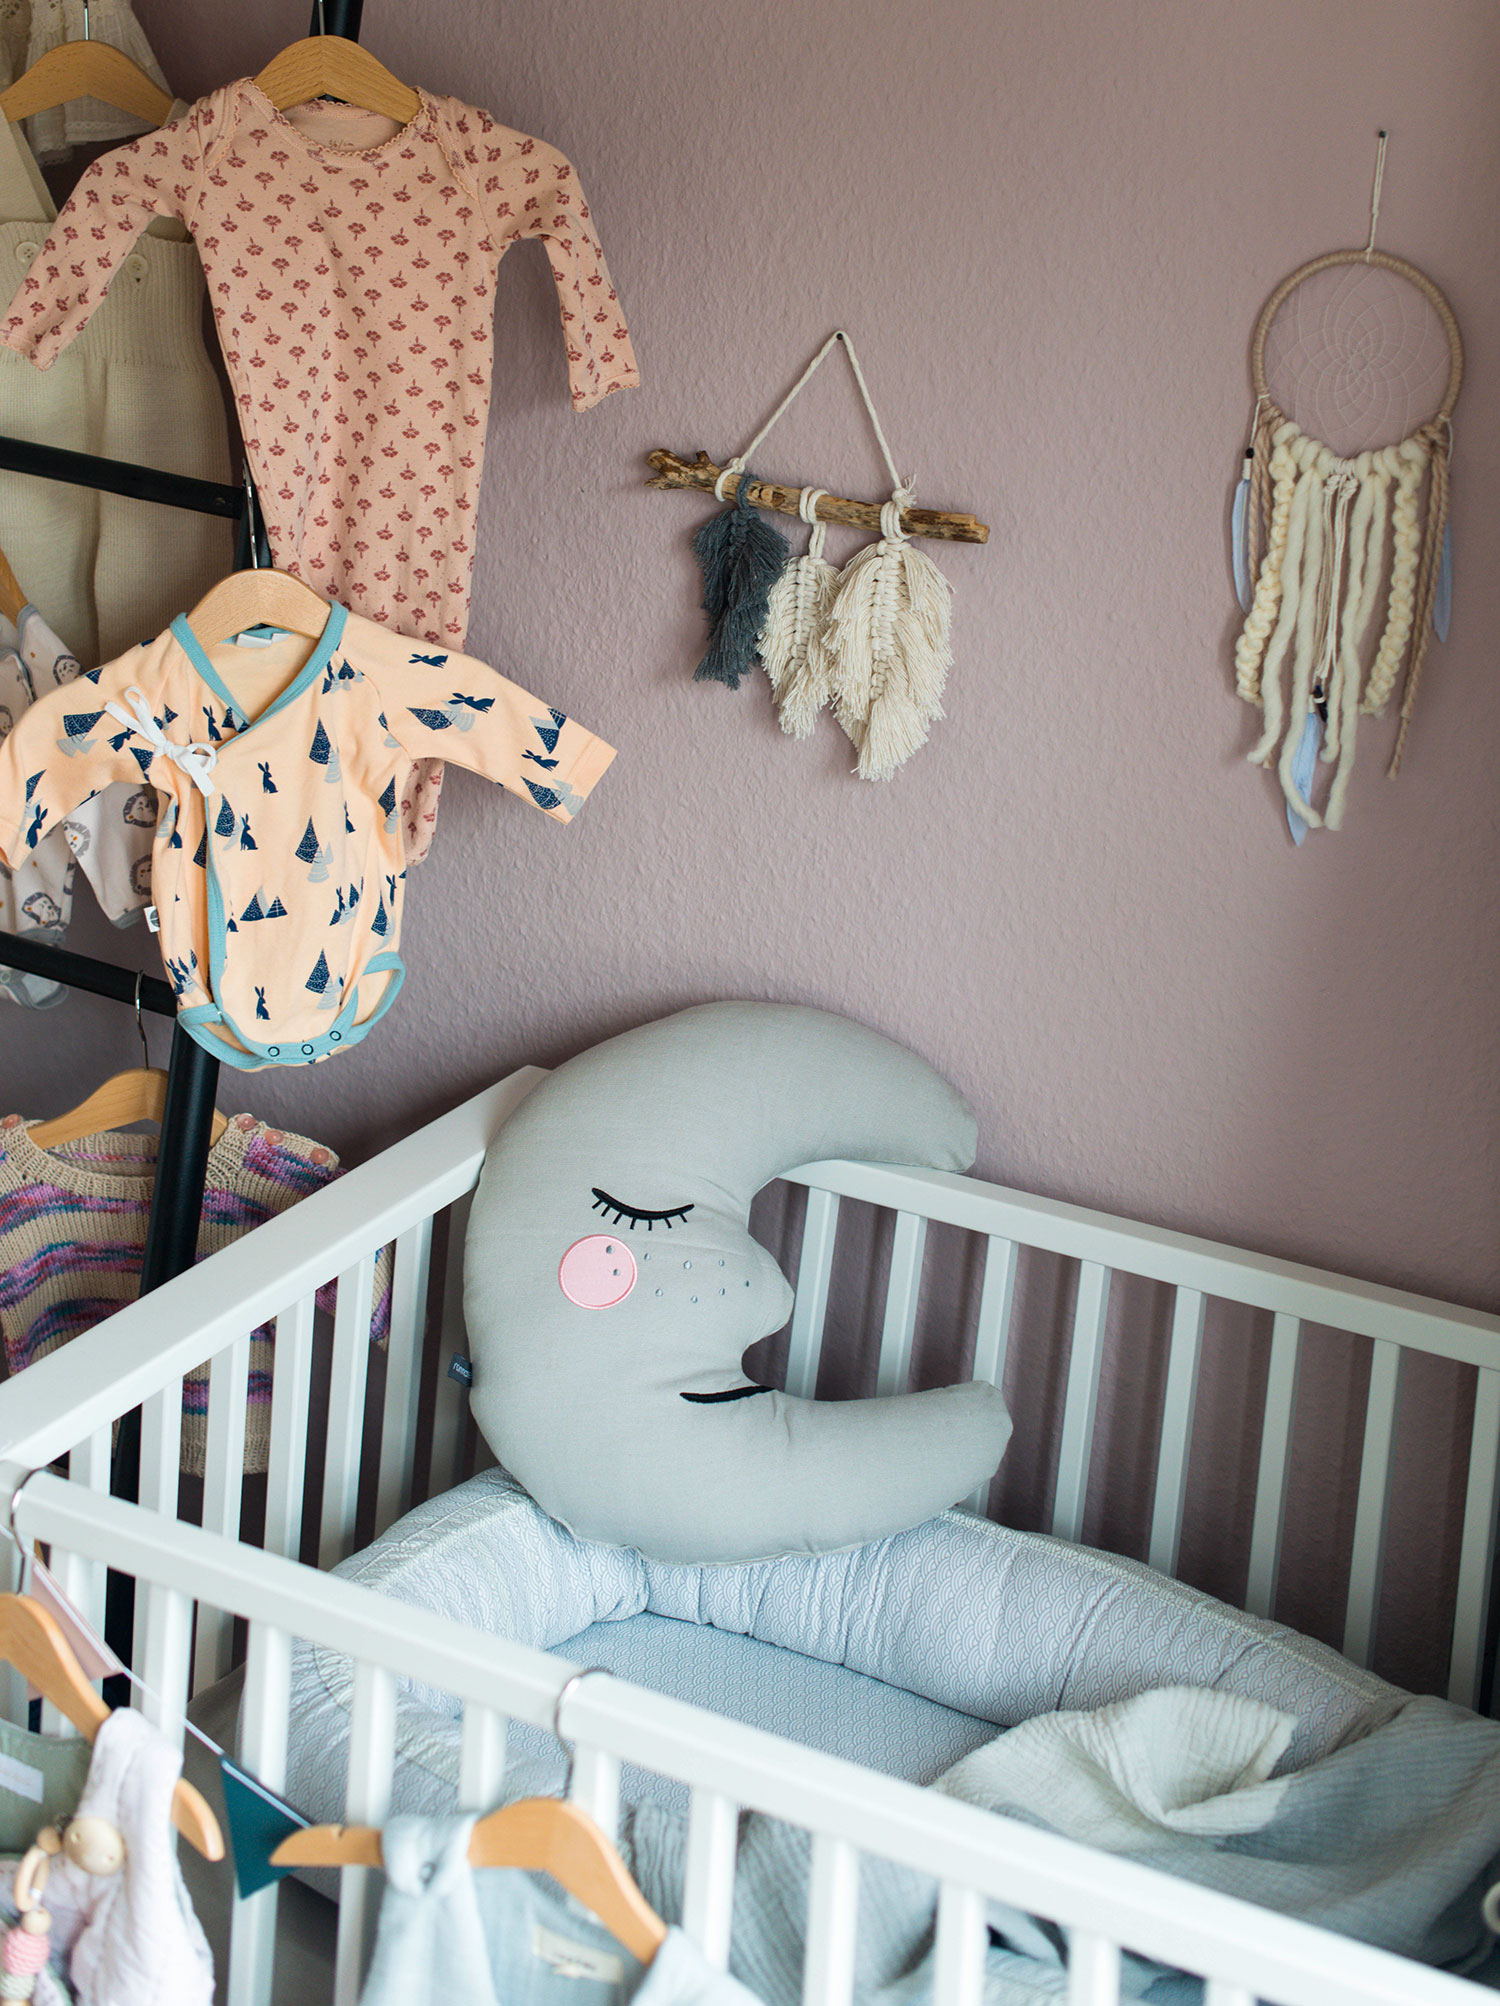 Kinderzimmer-Babyerstausstattung-Lea-Lou